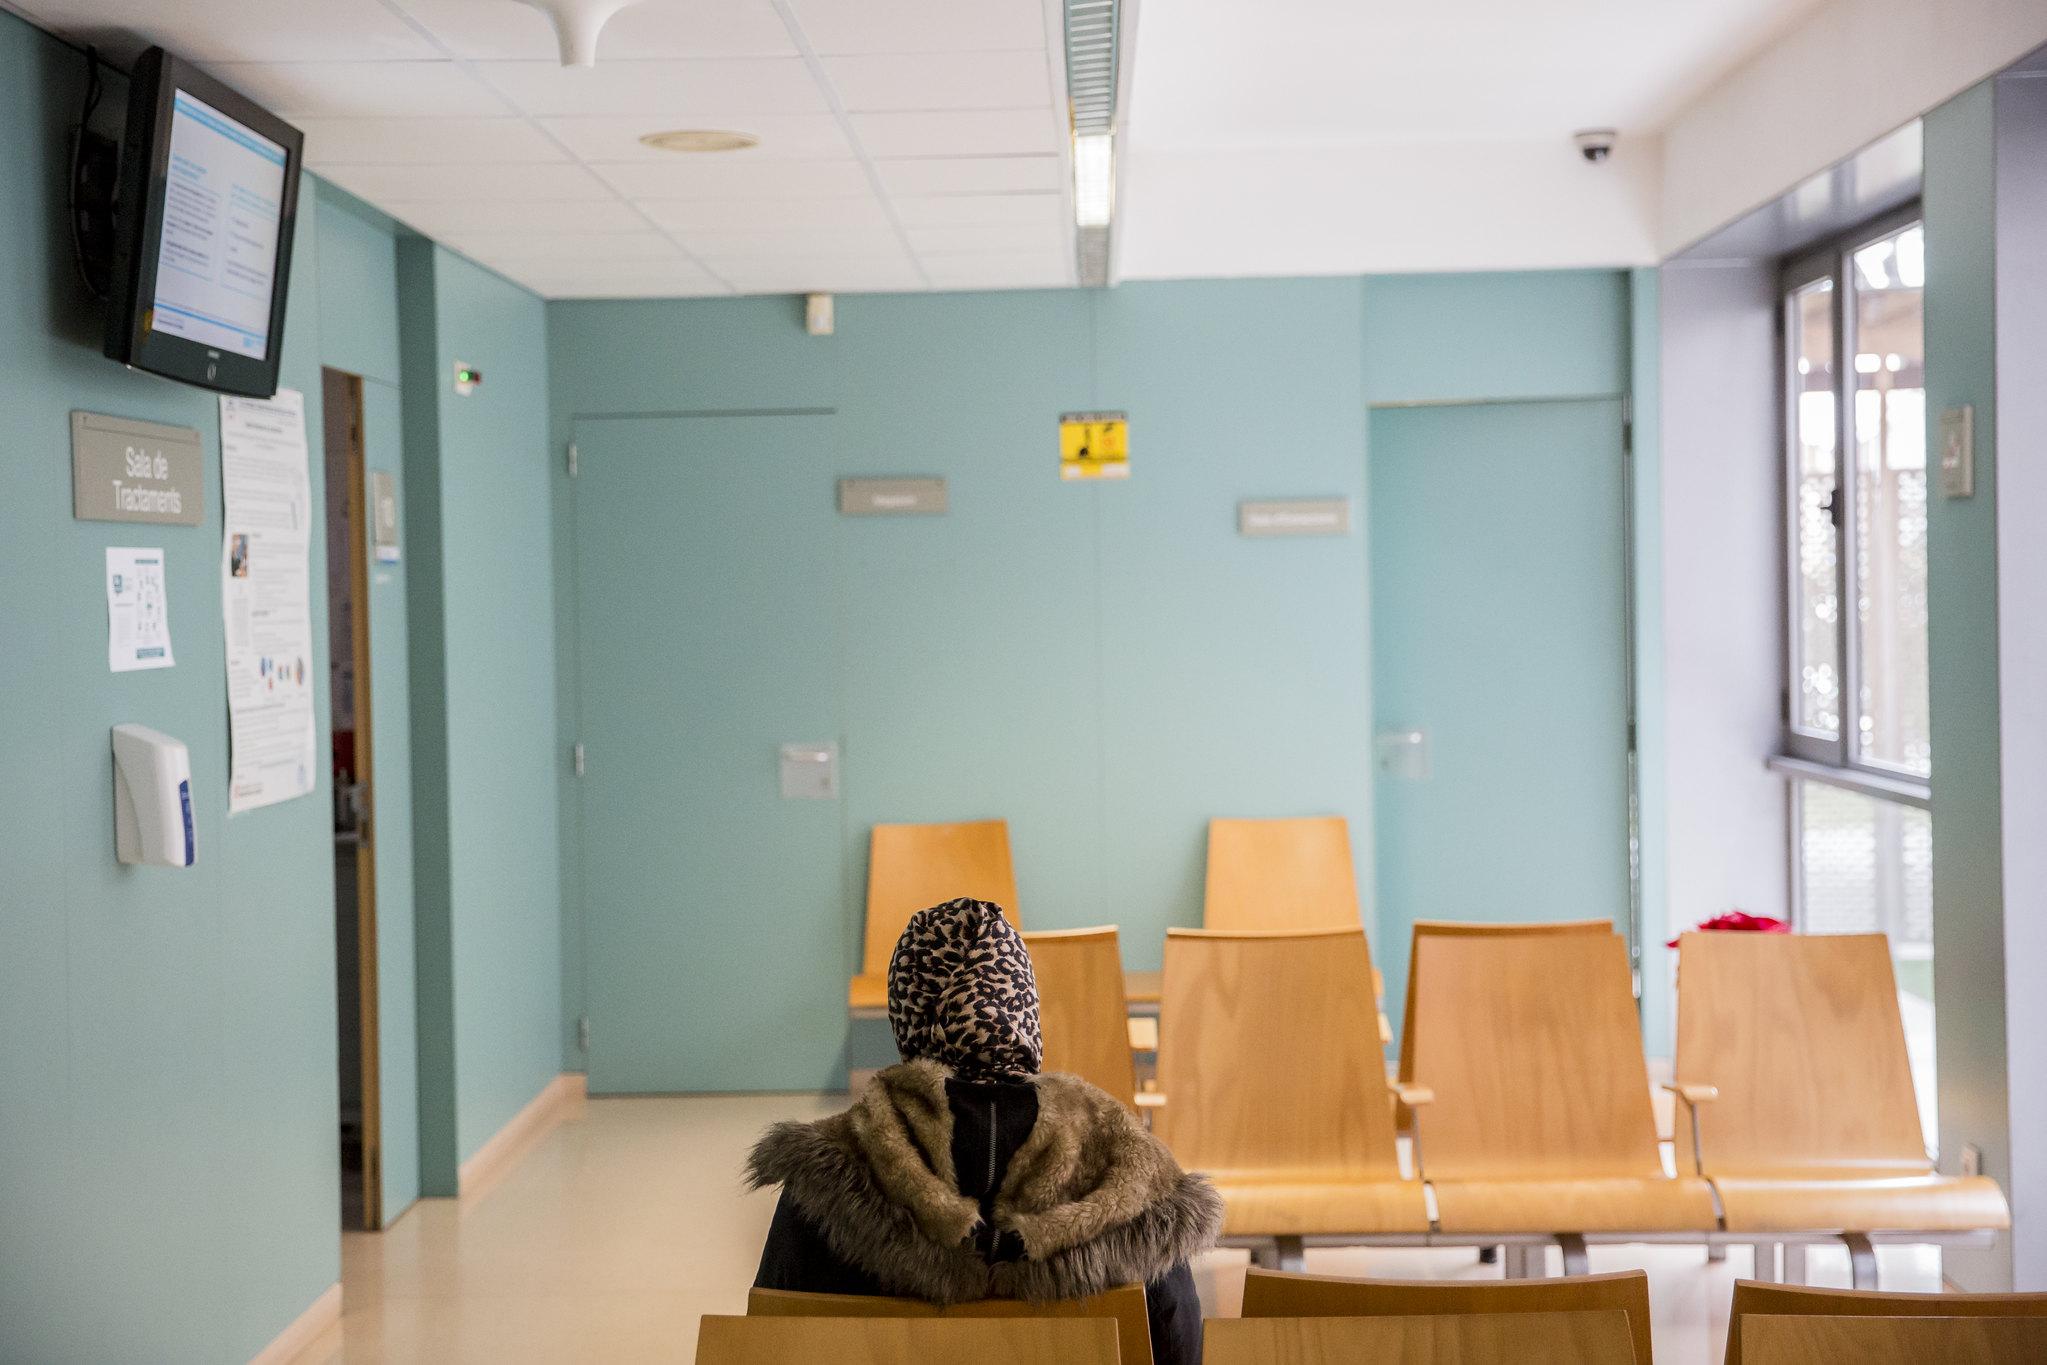 La AEC dice que hace falta racionalizar las plantillas de enfermeras de AP en base a criterios poblacionales, de necesidades de salud y de vulnerabilidad. FOTO: Ariadna Creus y Ángel García (Banc Imatges Infermeres).